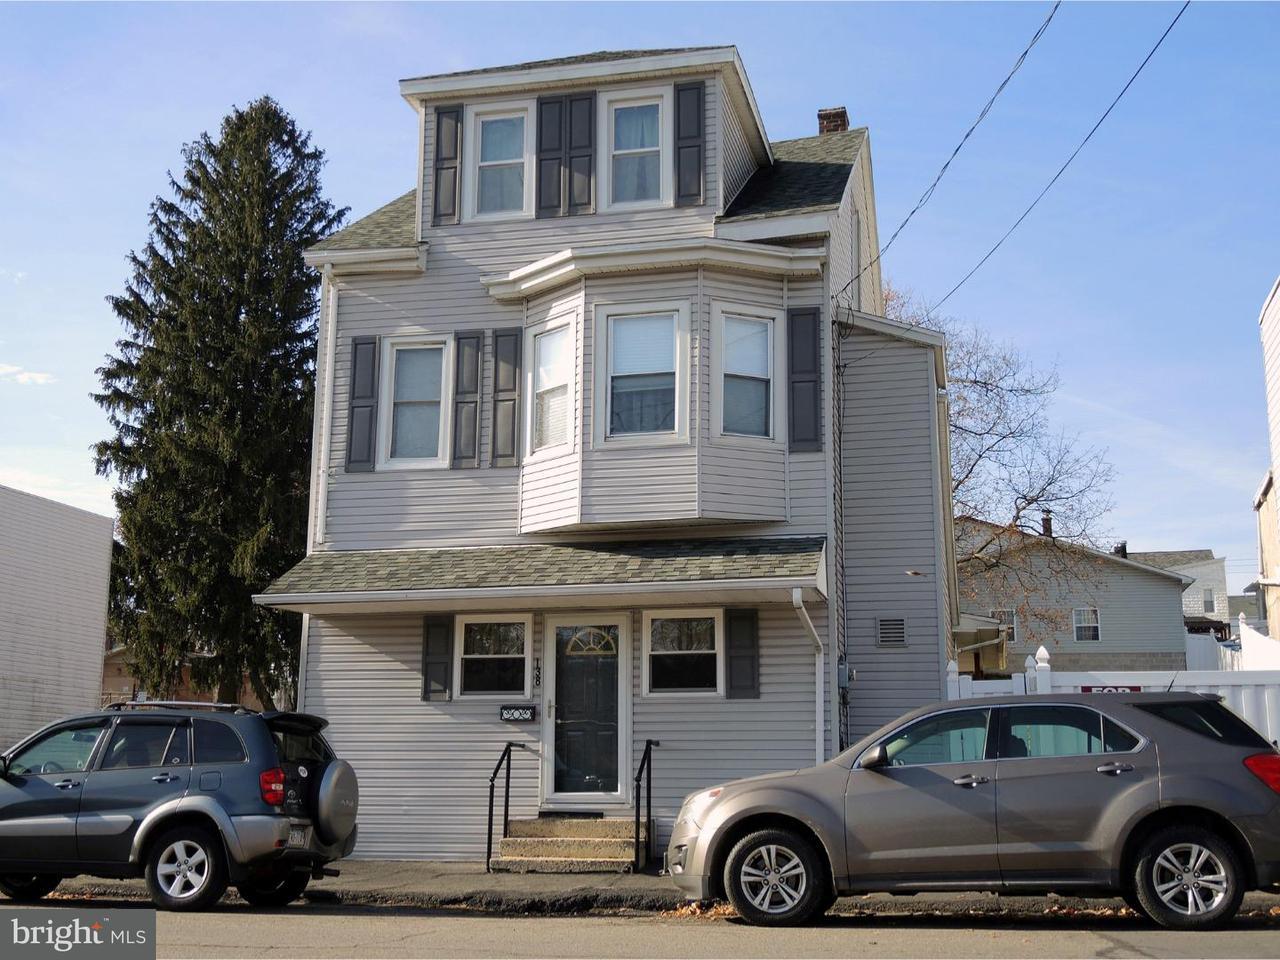 Частный односемейный дом для того Продажа на 138 N BALLIET Street Frackville, Пенсильвания 17931 Соединенные Штаты